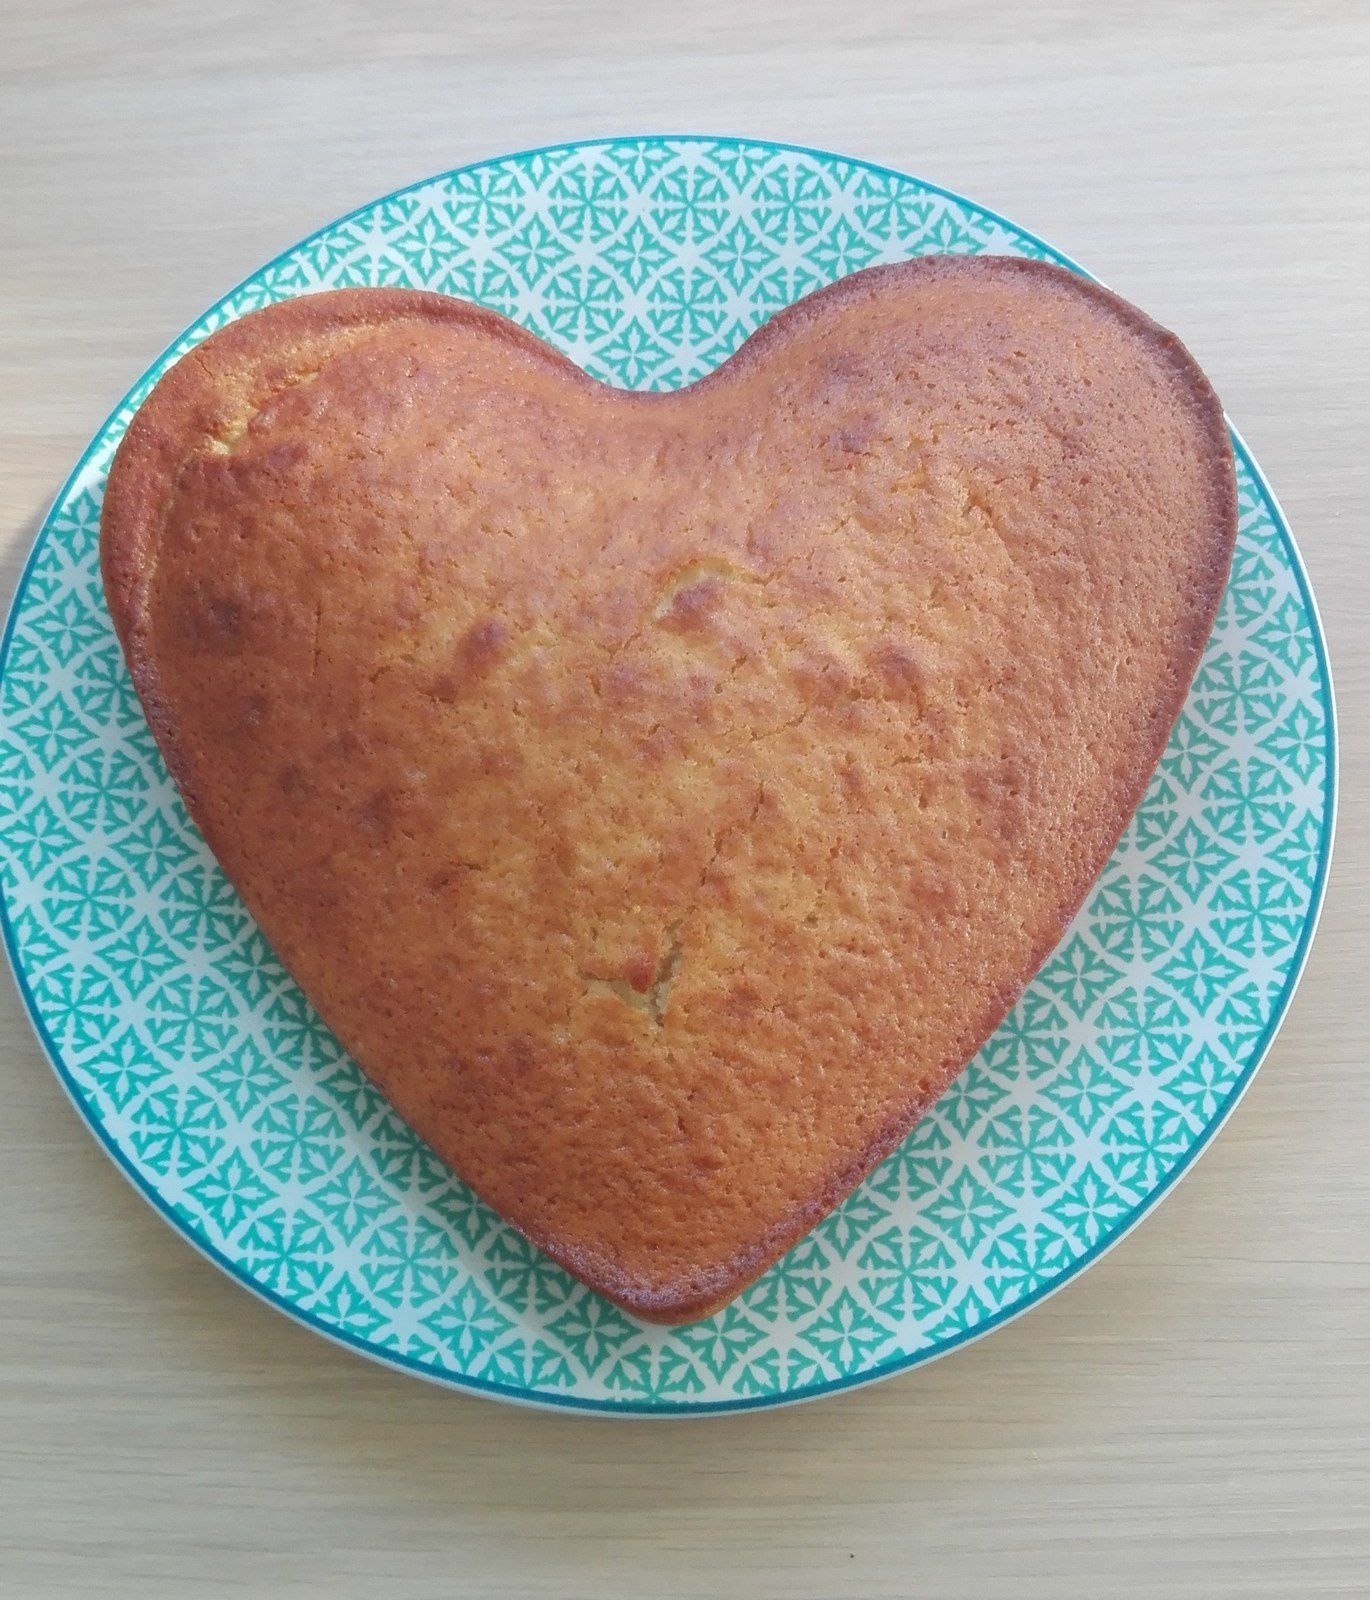 Un gâteau en forme de cœur, forcément la semaine commence bien...